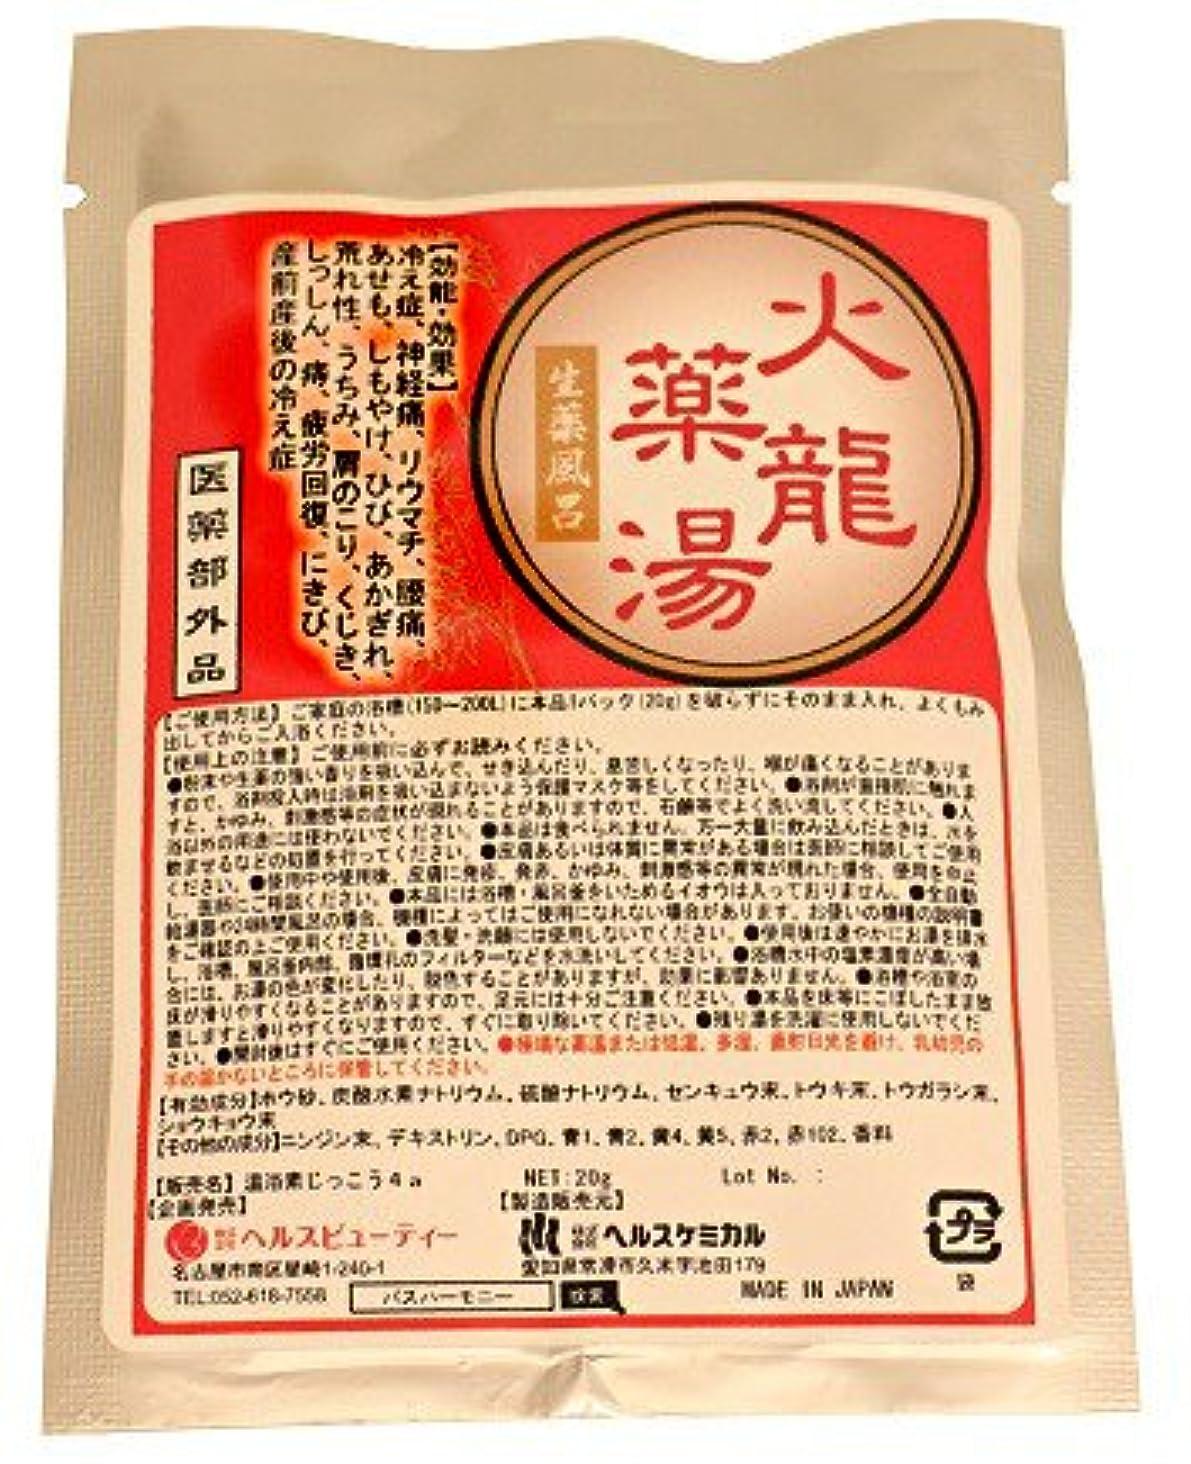 デイジーロデオリーズ火龍 薬湯 分包 タイプ 1回分 生薬 薬湯 天然生薬 の 香り 医薬部外品